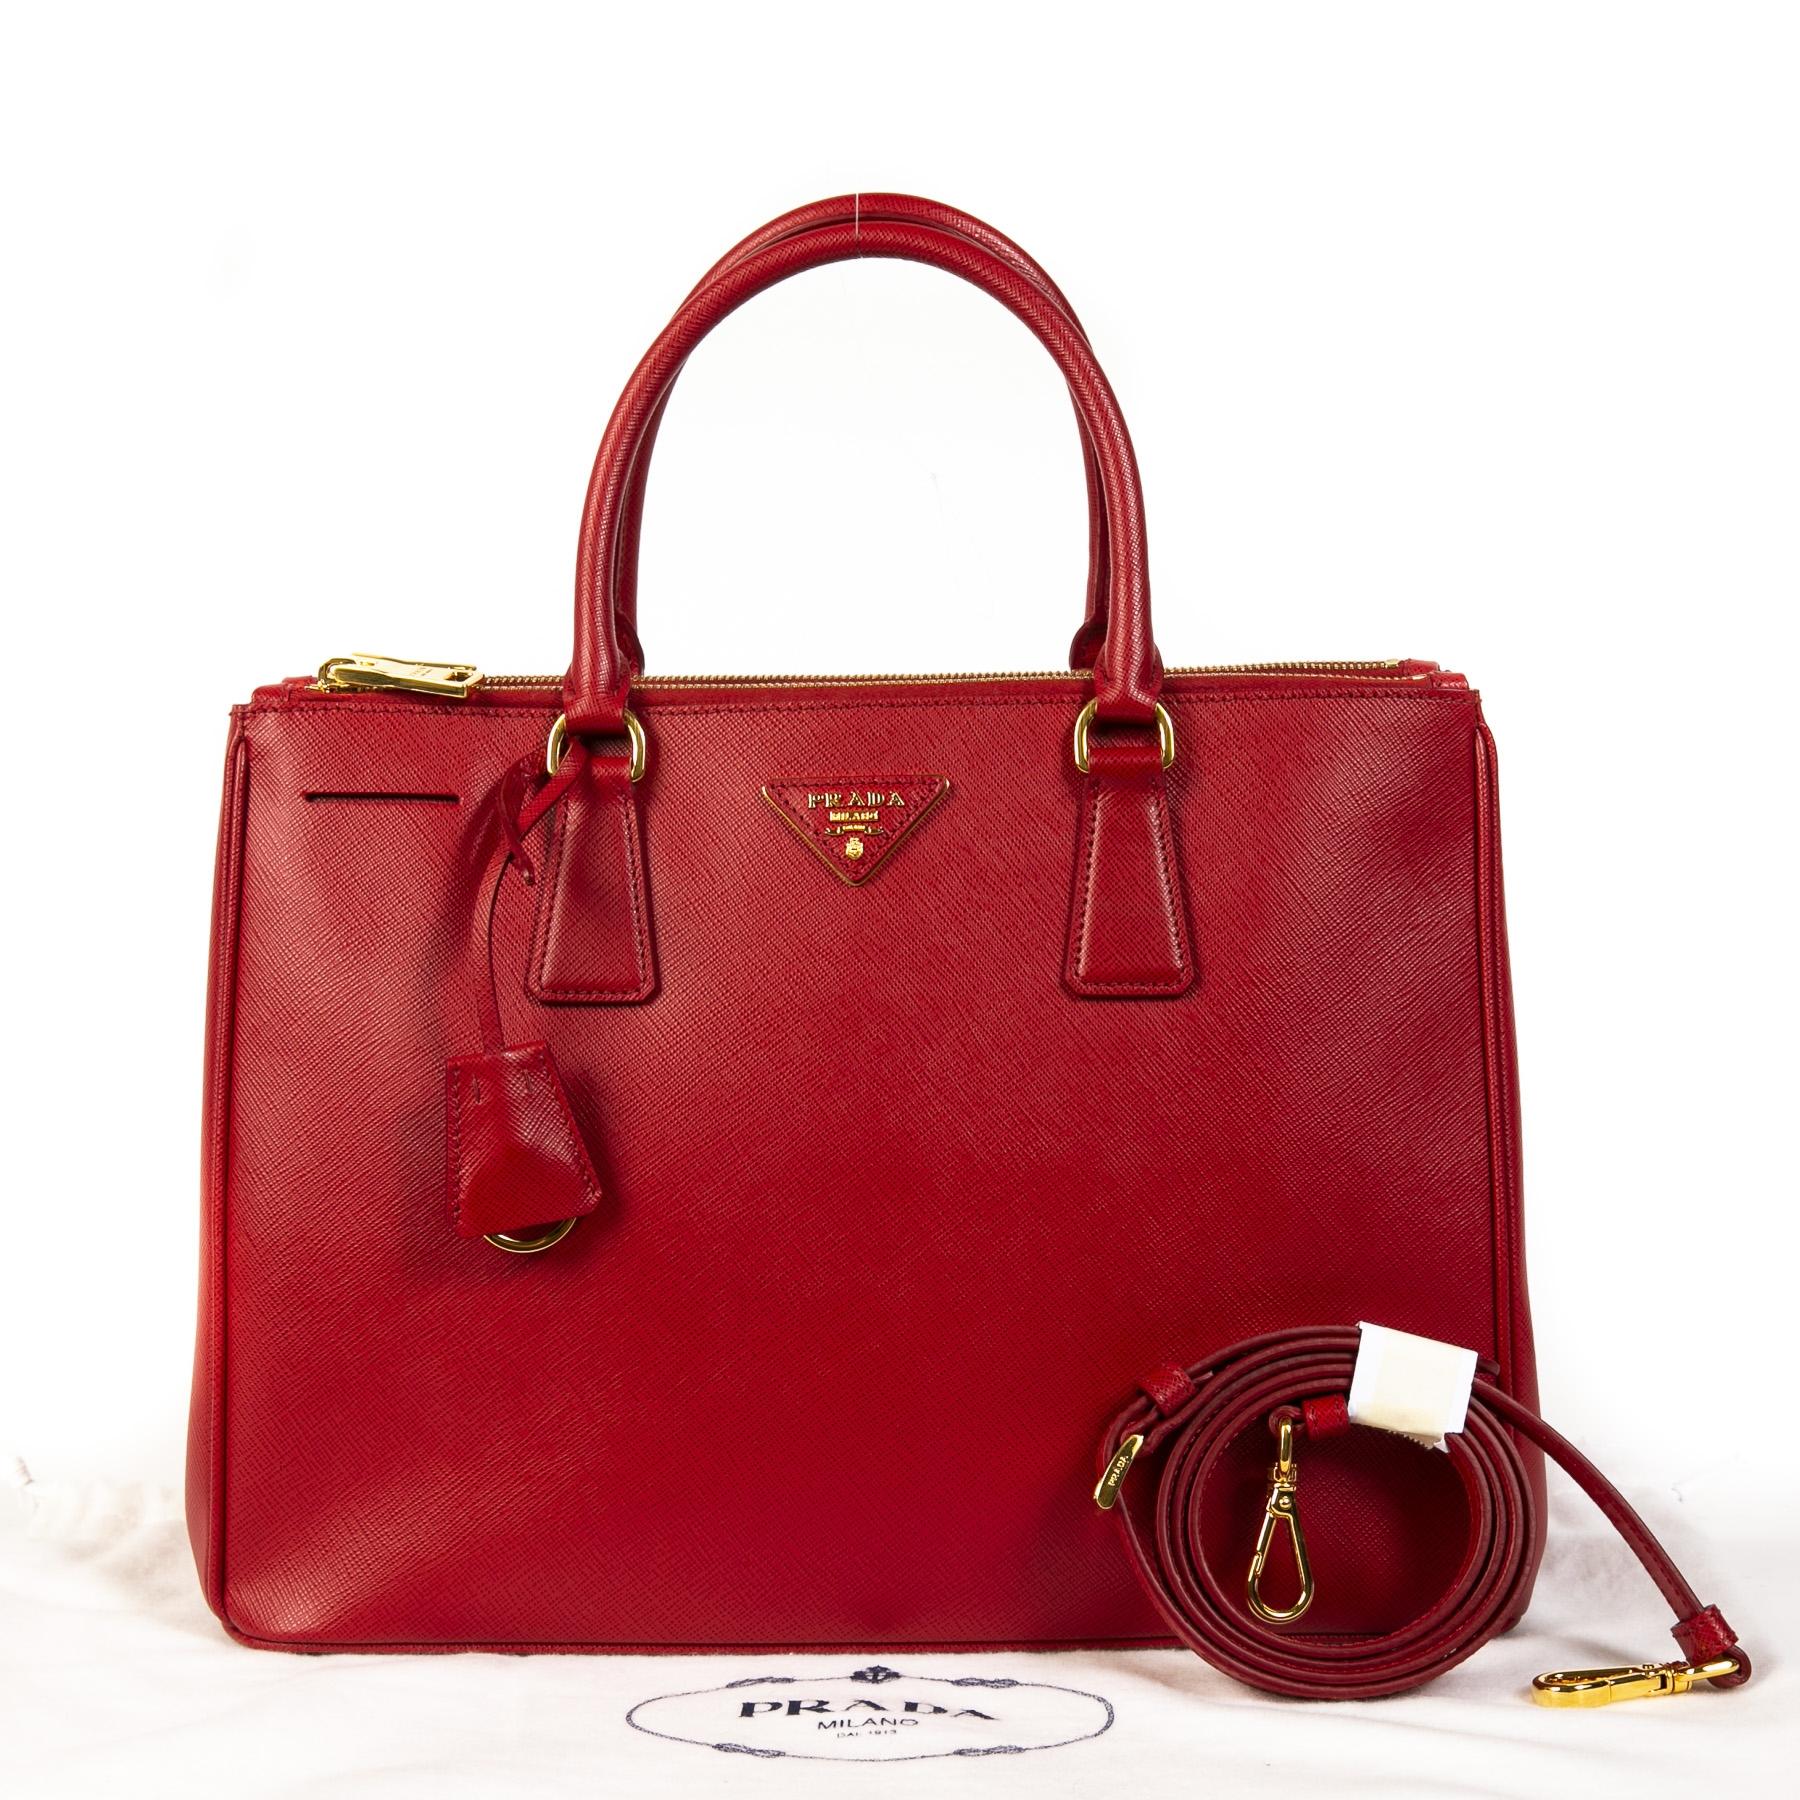 Authentieke Tweedehands Prada Red Leather Top Handle Bag + Strap juiste prijs veilig online shoppen luxe merken webshop winkelen Antwerpen België mode fashion